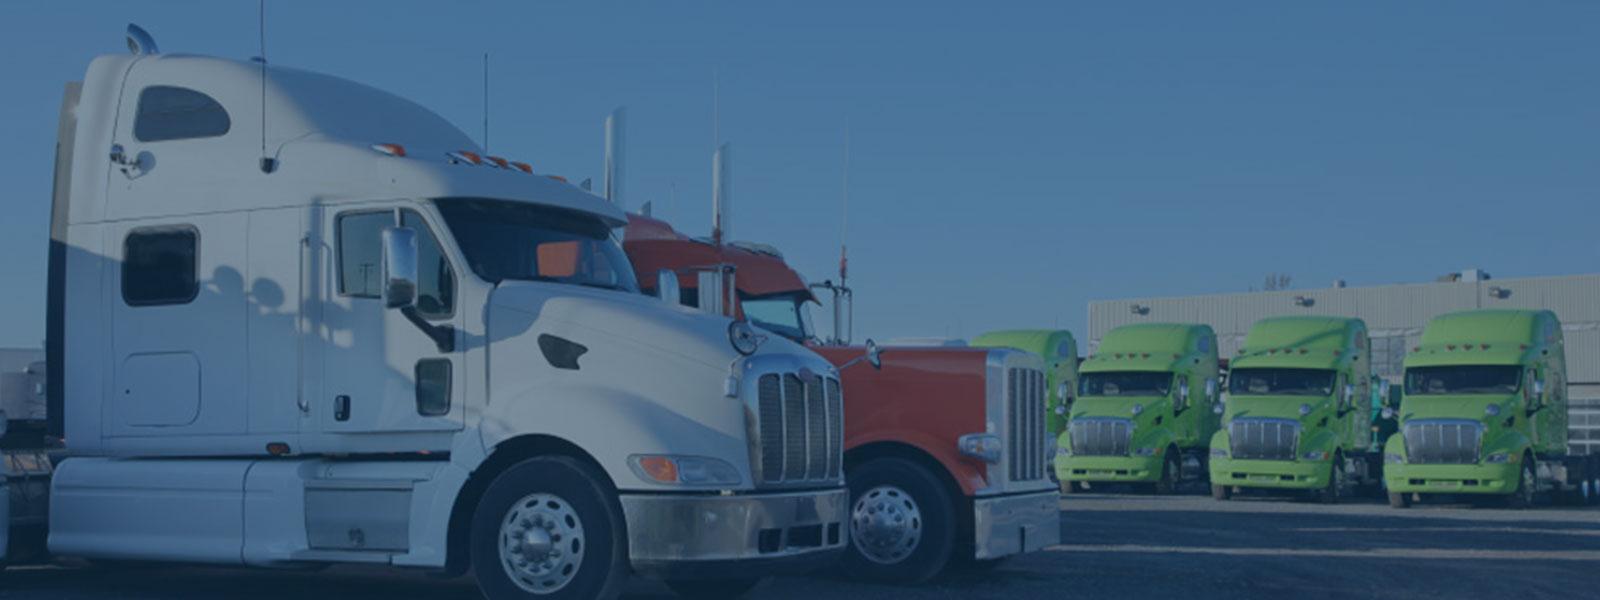 Fleet Management Software FAQs